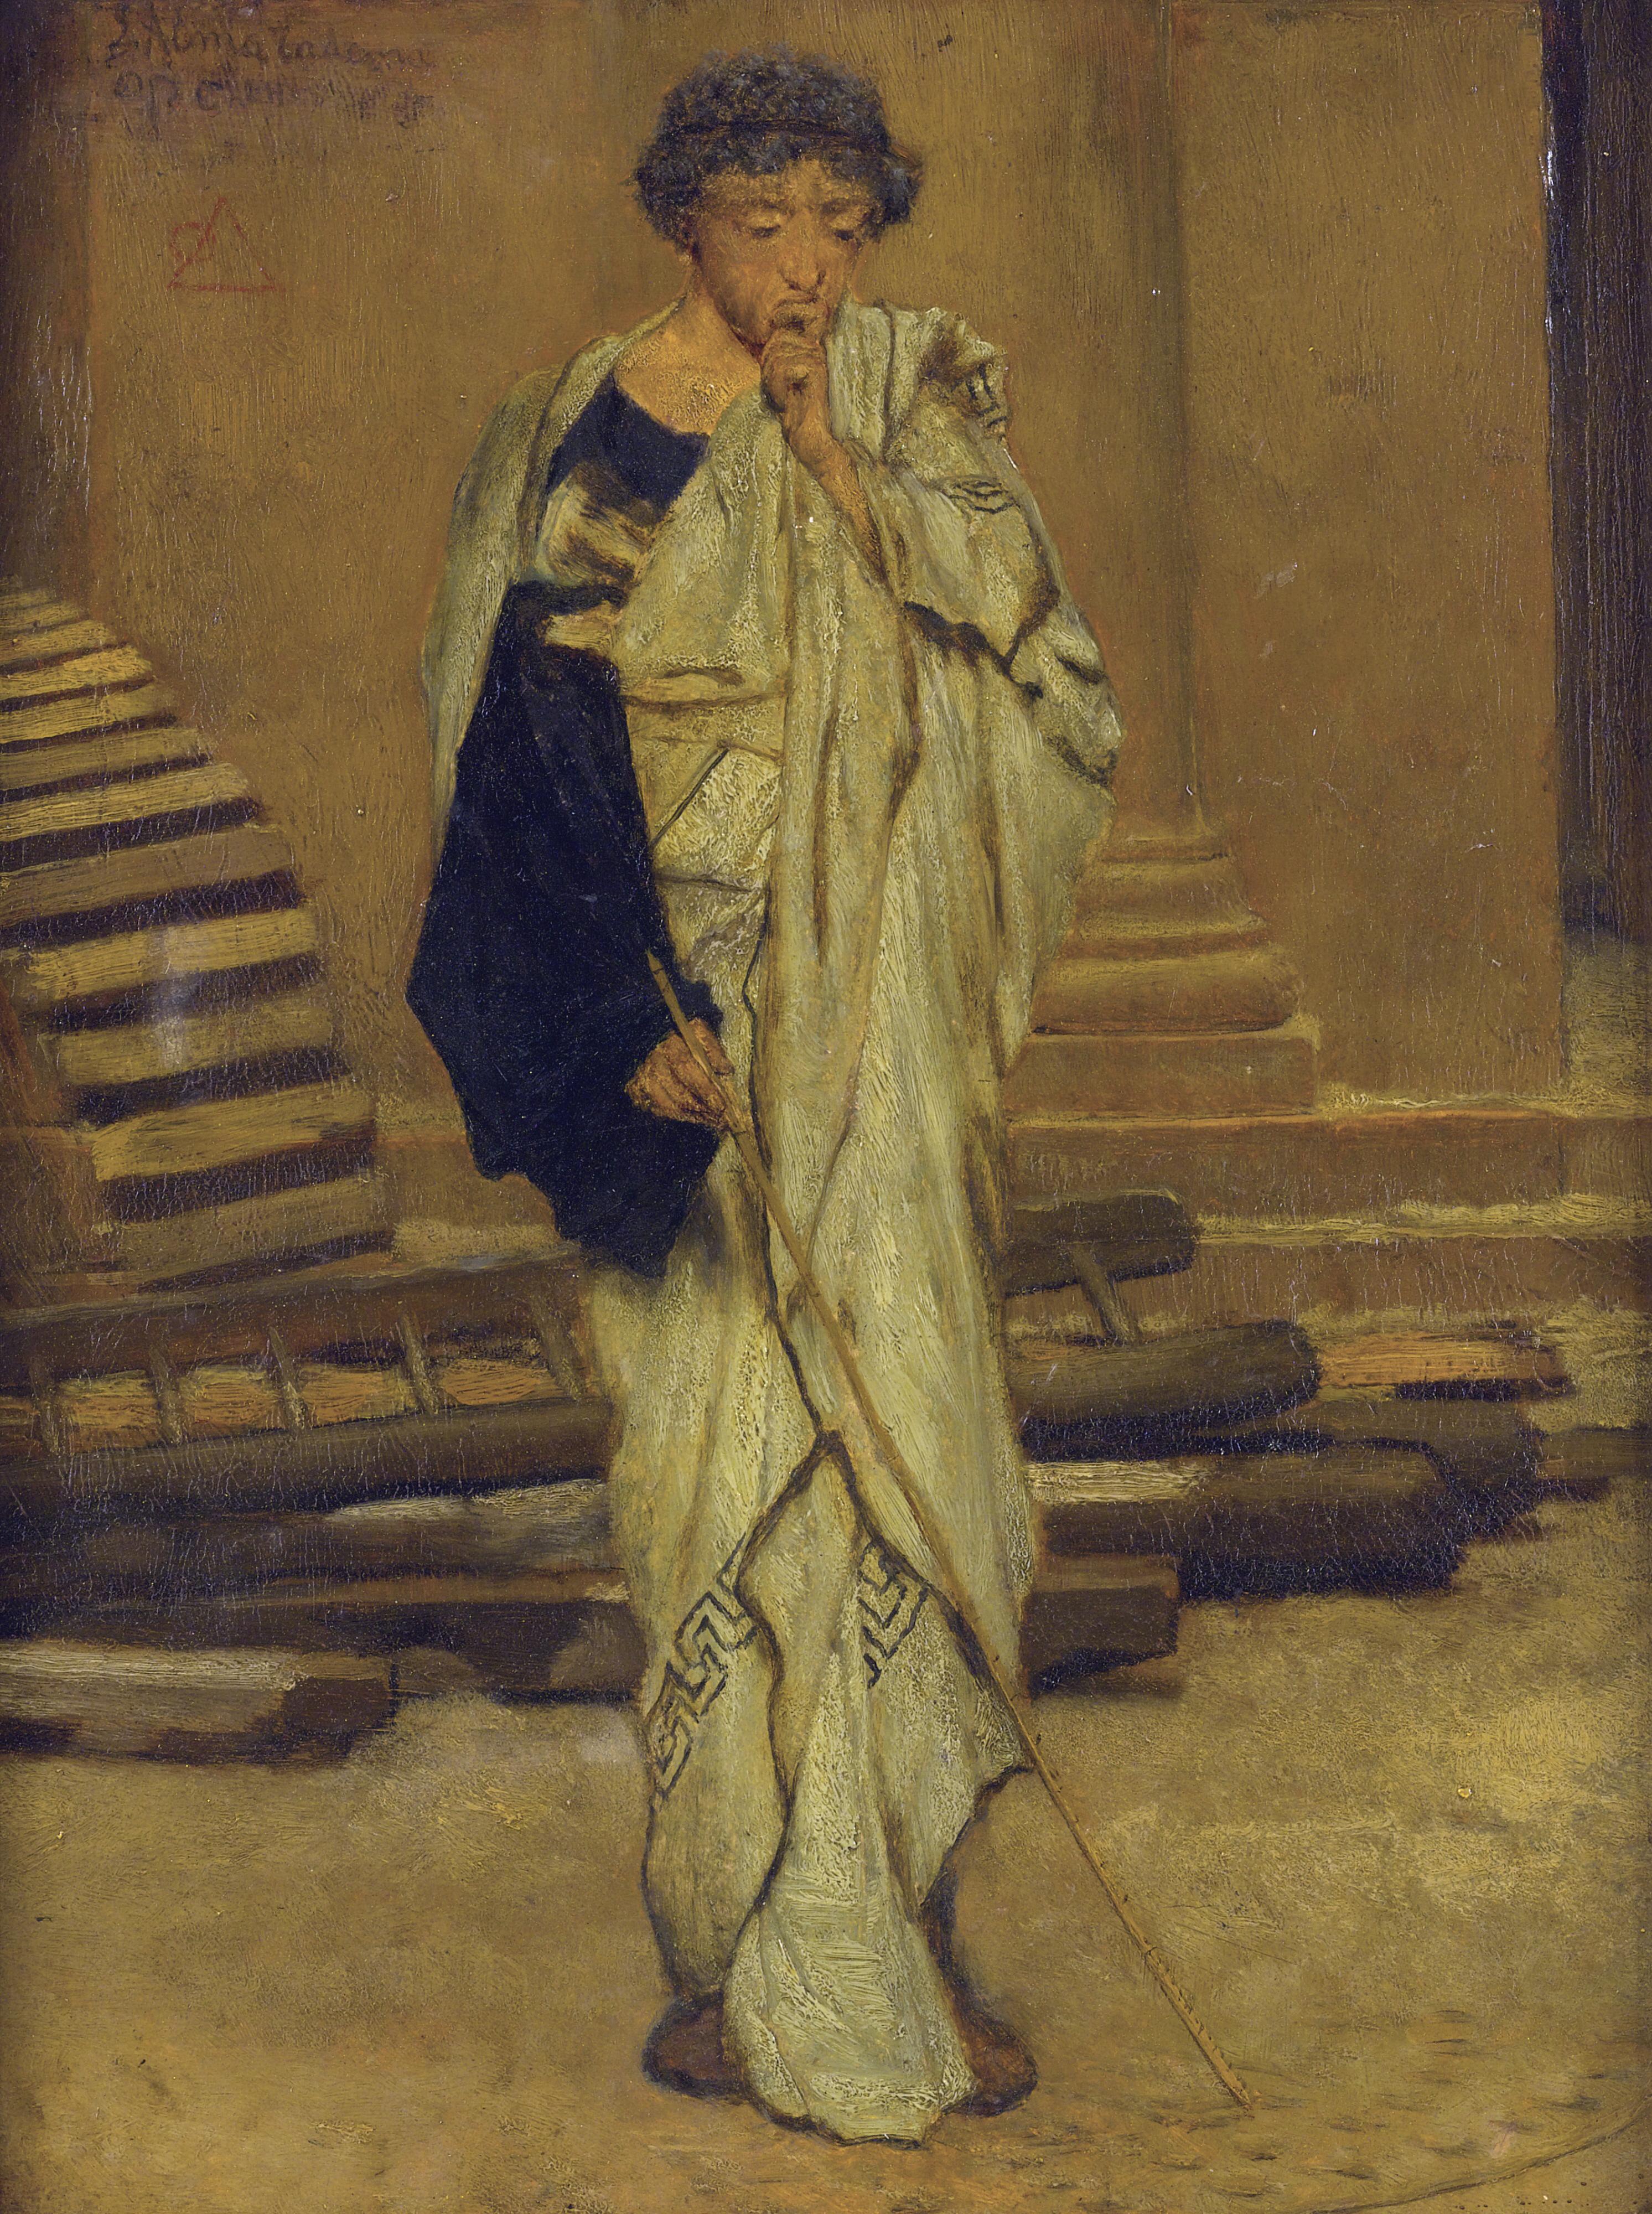 Description Lawrence Alma-Tadema The Roman Architect.jpg